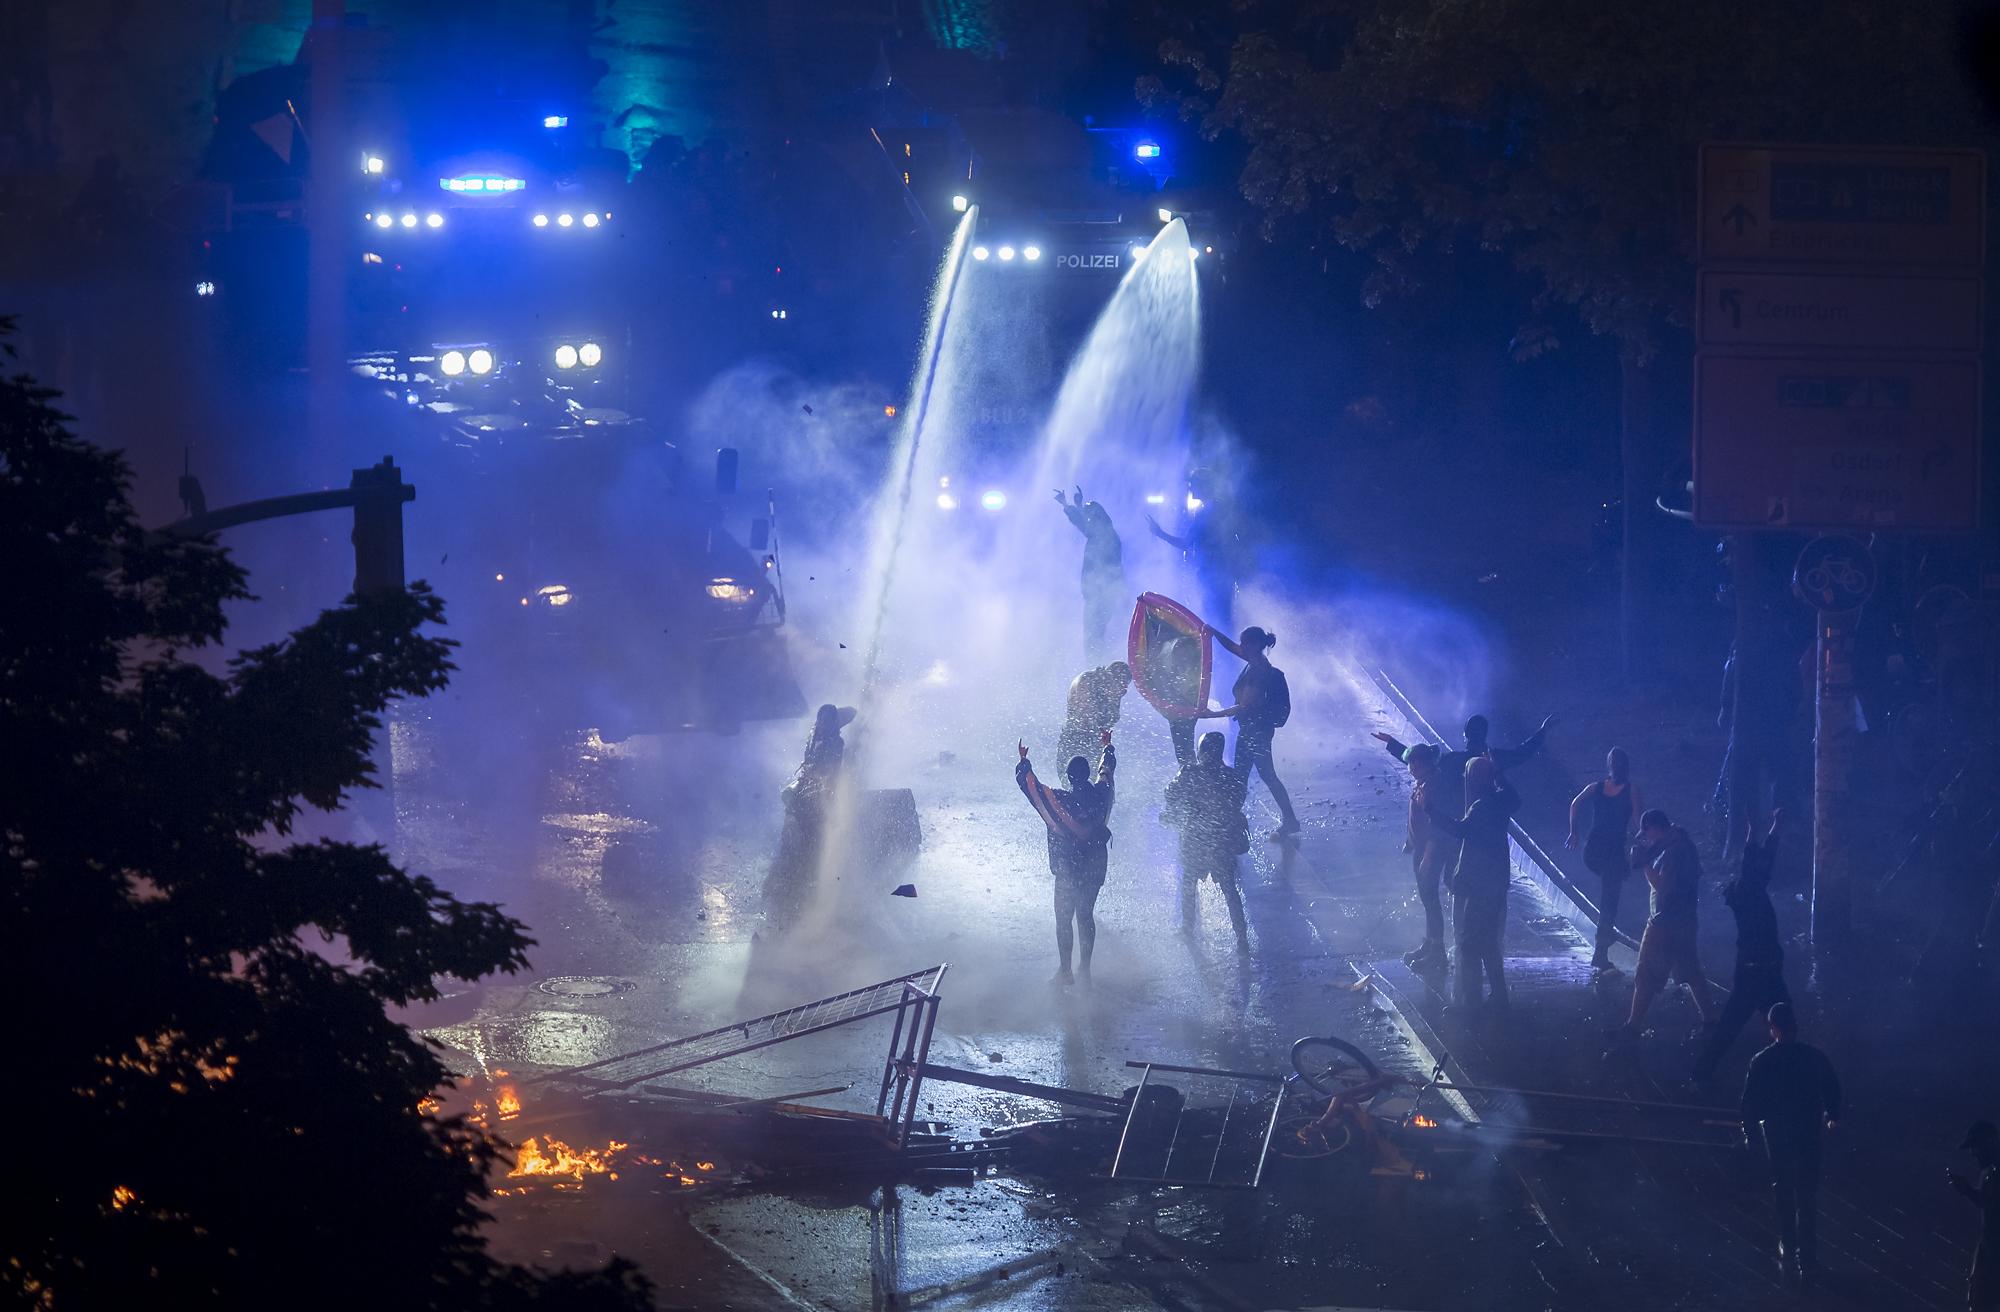 Demonstranten werfen am 07/07/2017 in Hamburg im Schanzenviertel (Neuer Pferdemarkt) Steine auf Wasserwerfer und werden von denen mit Wasser beschossen. Foto Florian Schuh